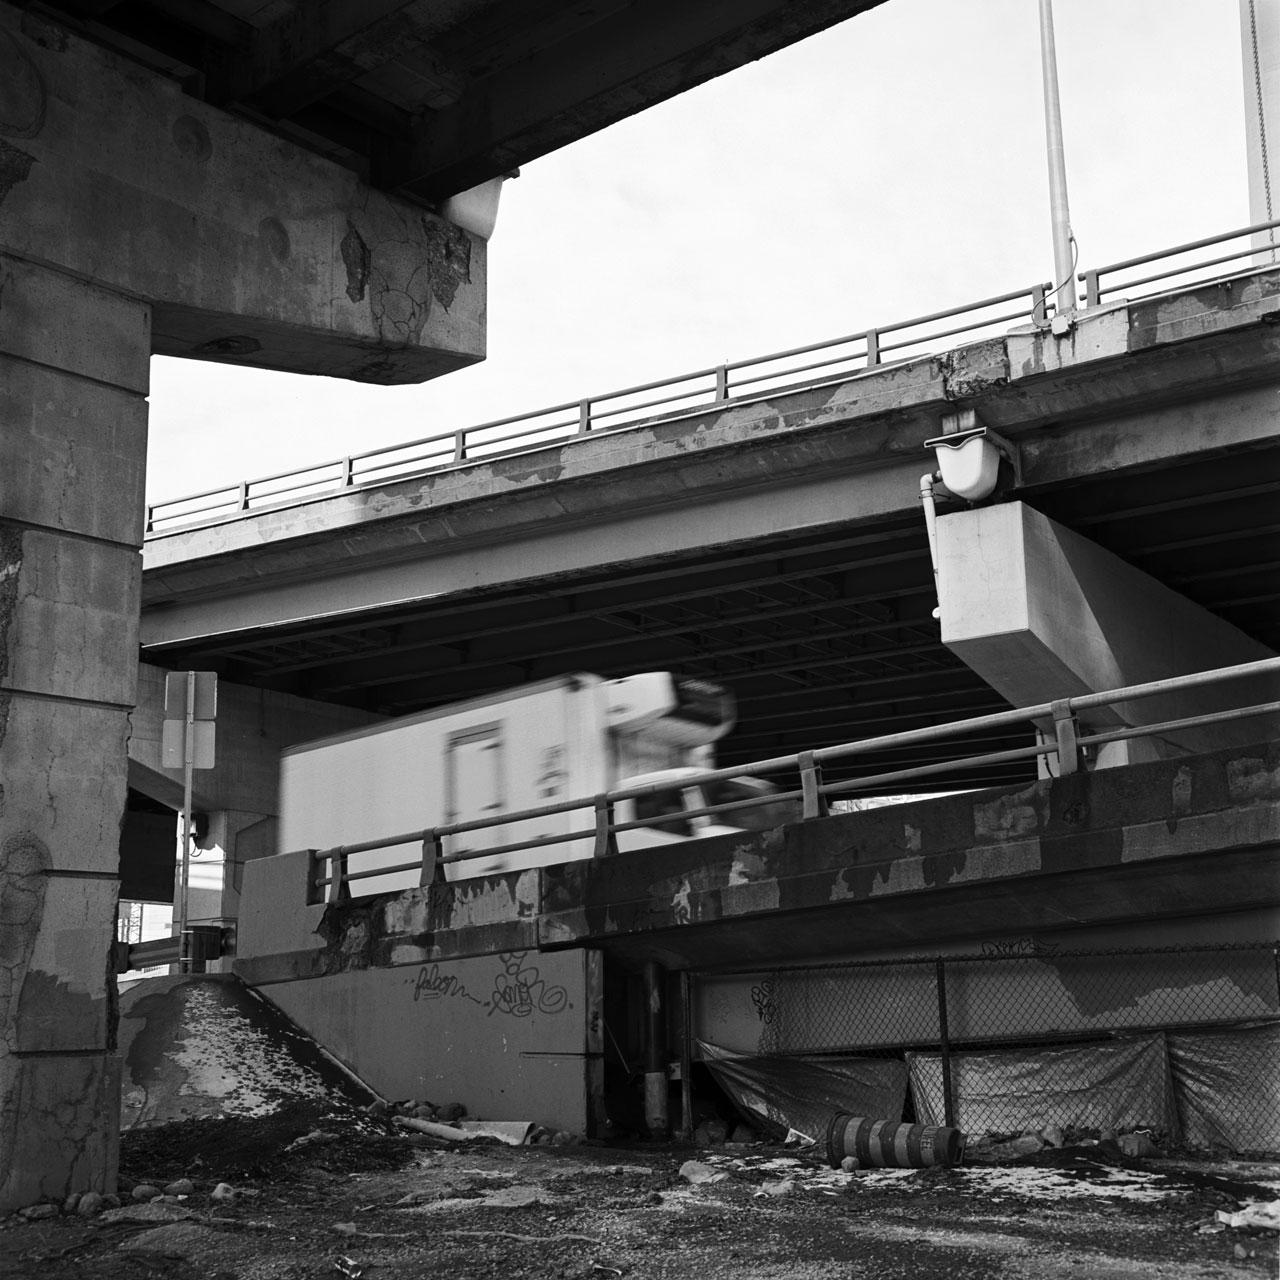 manufactured-private-space under a bridge